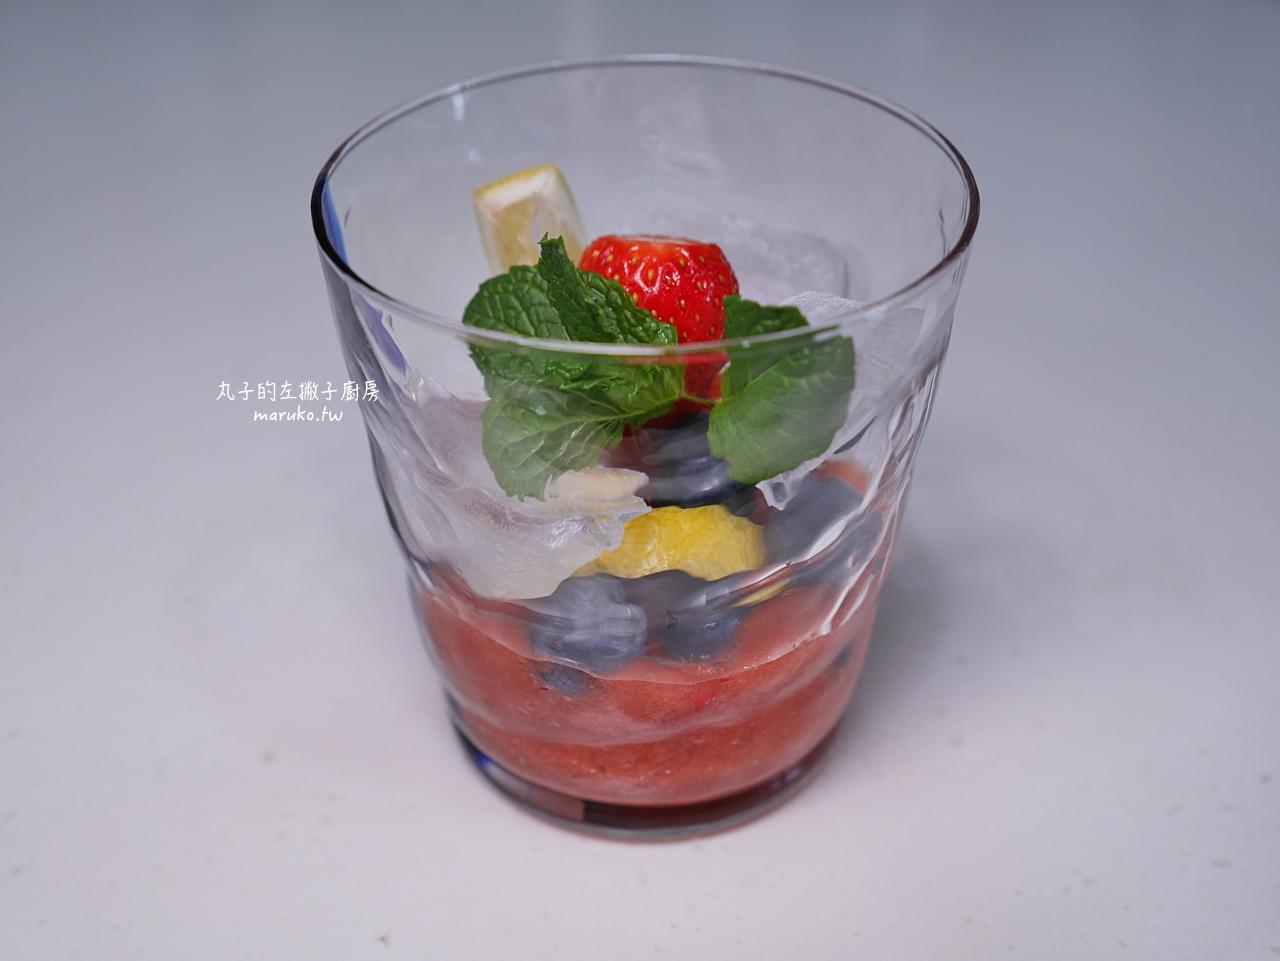 【食譜】草莓氣泡飲|夏天的純天然草莓果醬清涼飲品簡易做法 @Maruko與美食有個約會